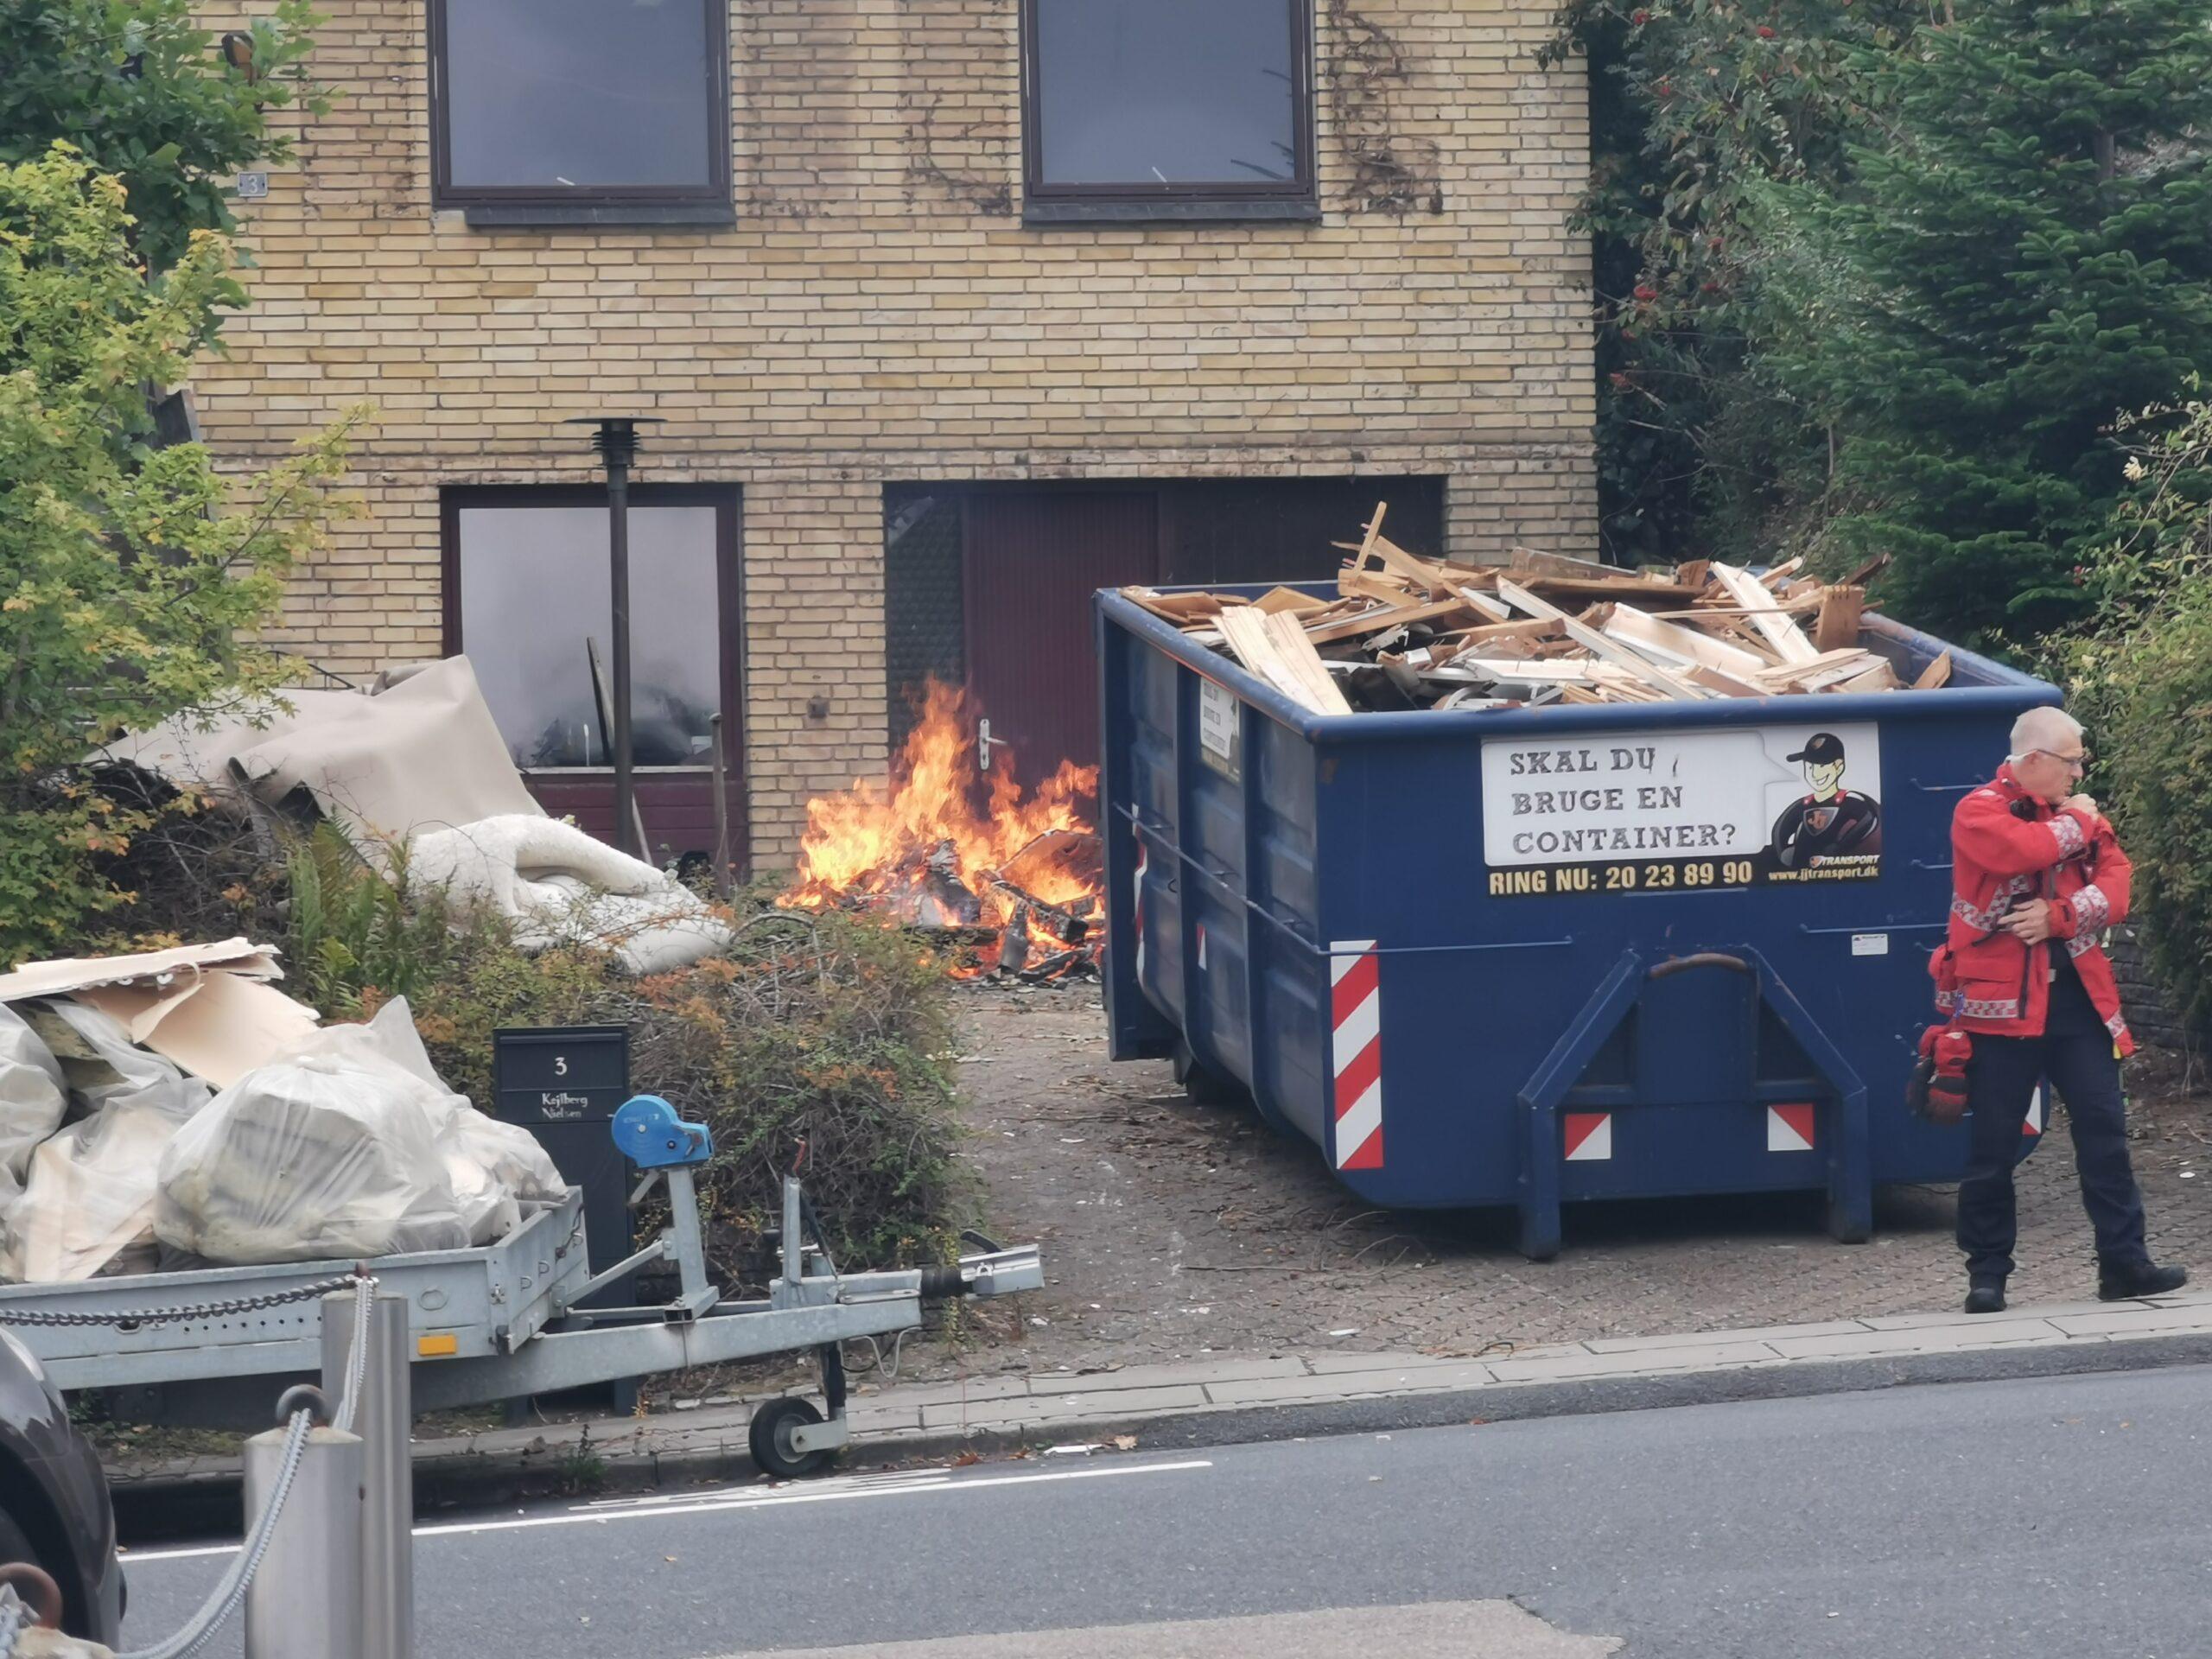 Voldsomt bål - brandvæsen måtte tilkaldes til villa